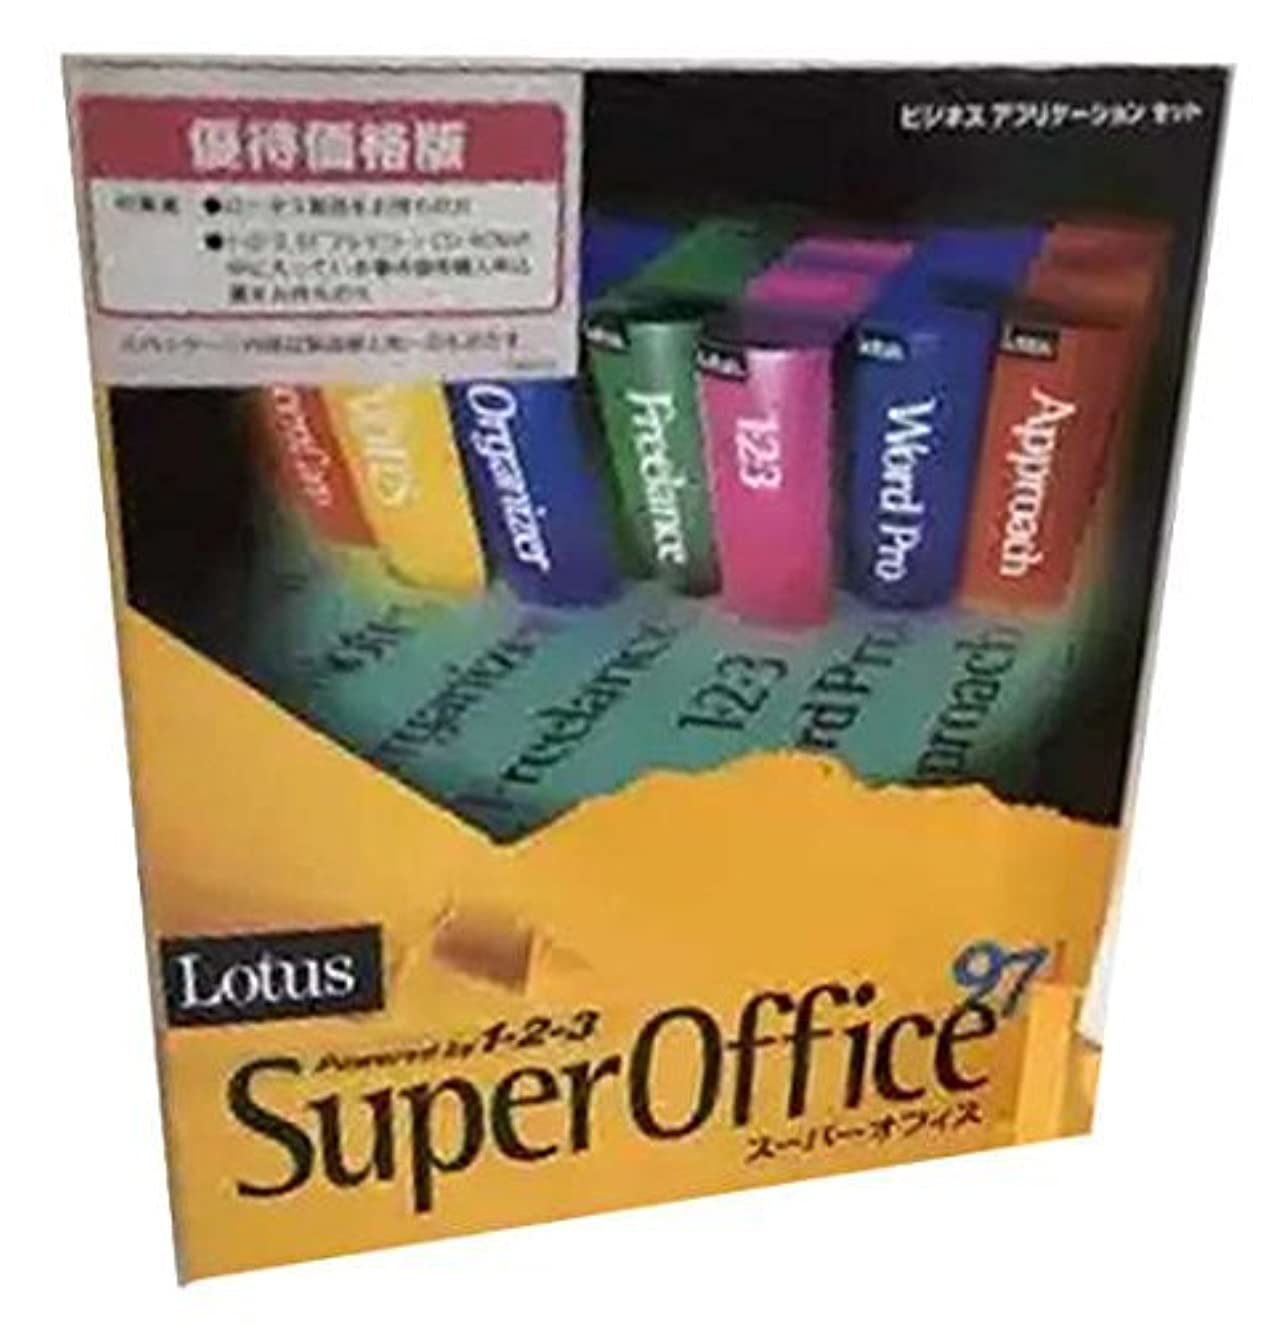 依存する騒乱静けさibm/ソースネクスト pcソフト LotusSuperOffice97 for Windows 95/NT オリジナルソフトケース [プレゼント セット]